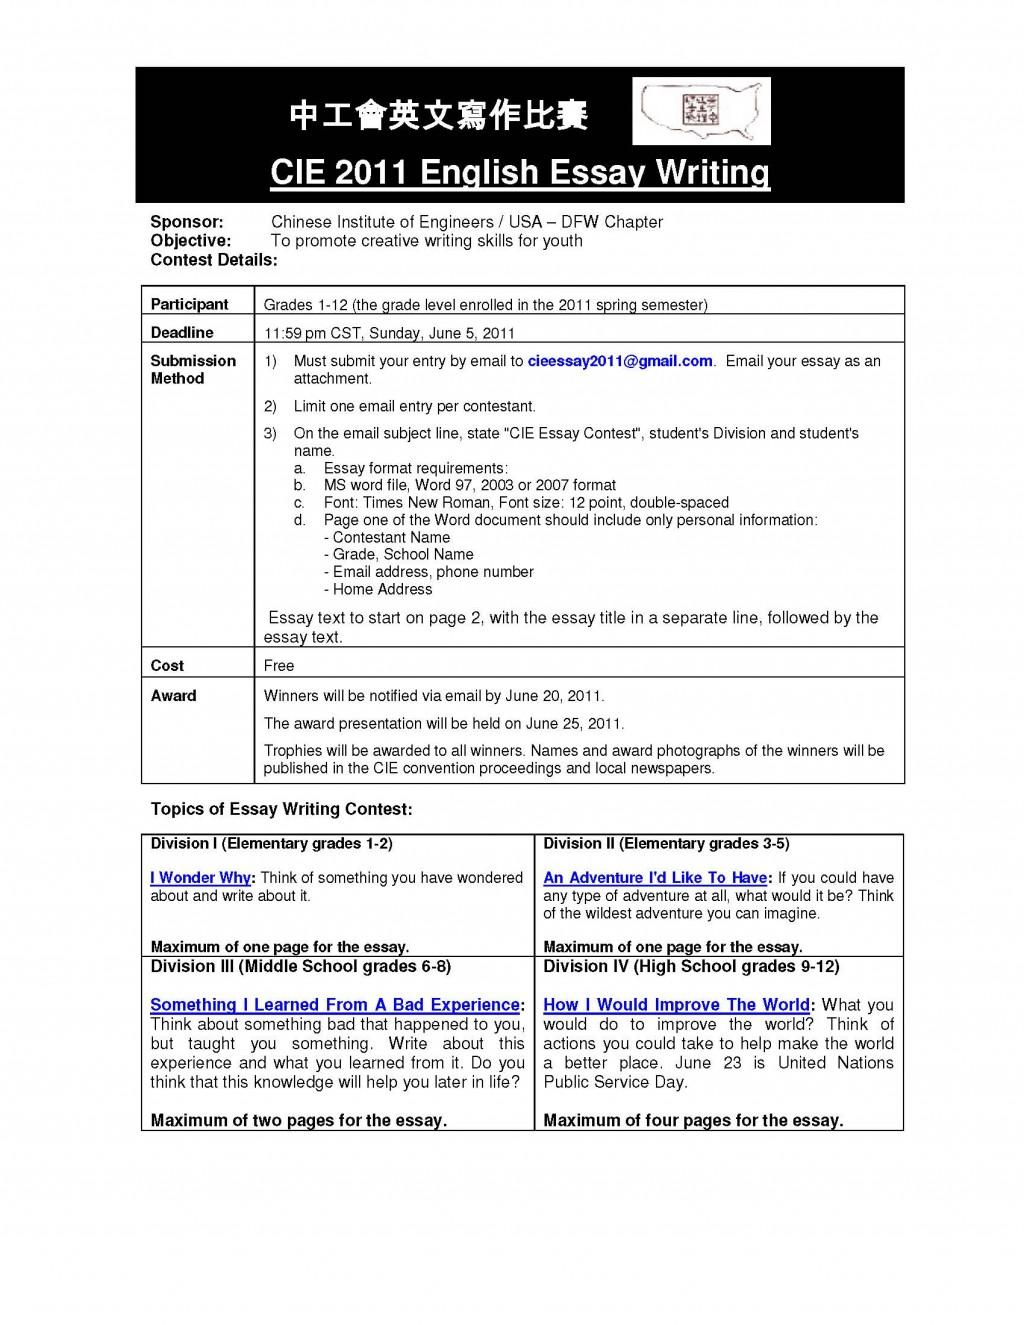 007 Essay Example Flyer Free Writing Shocking Service Draft Online Uk Large